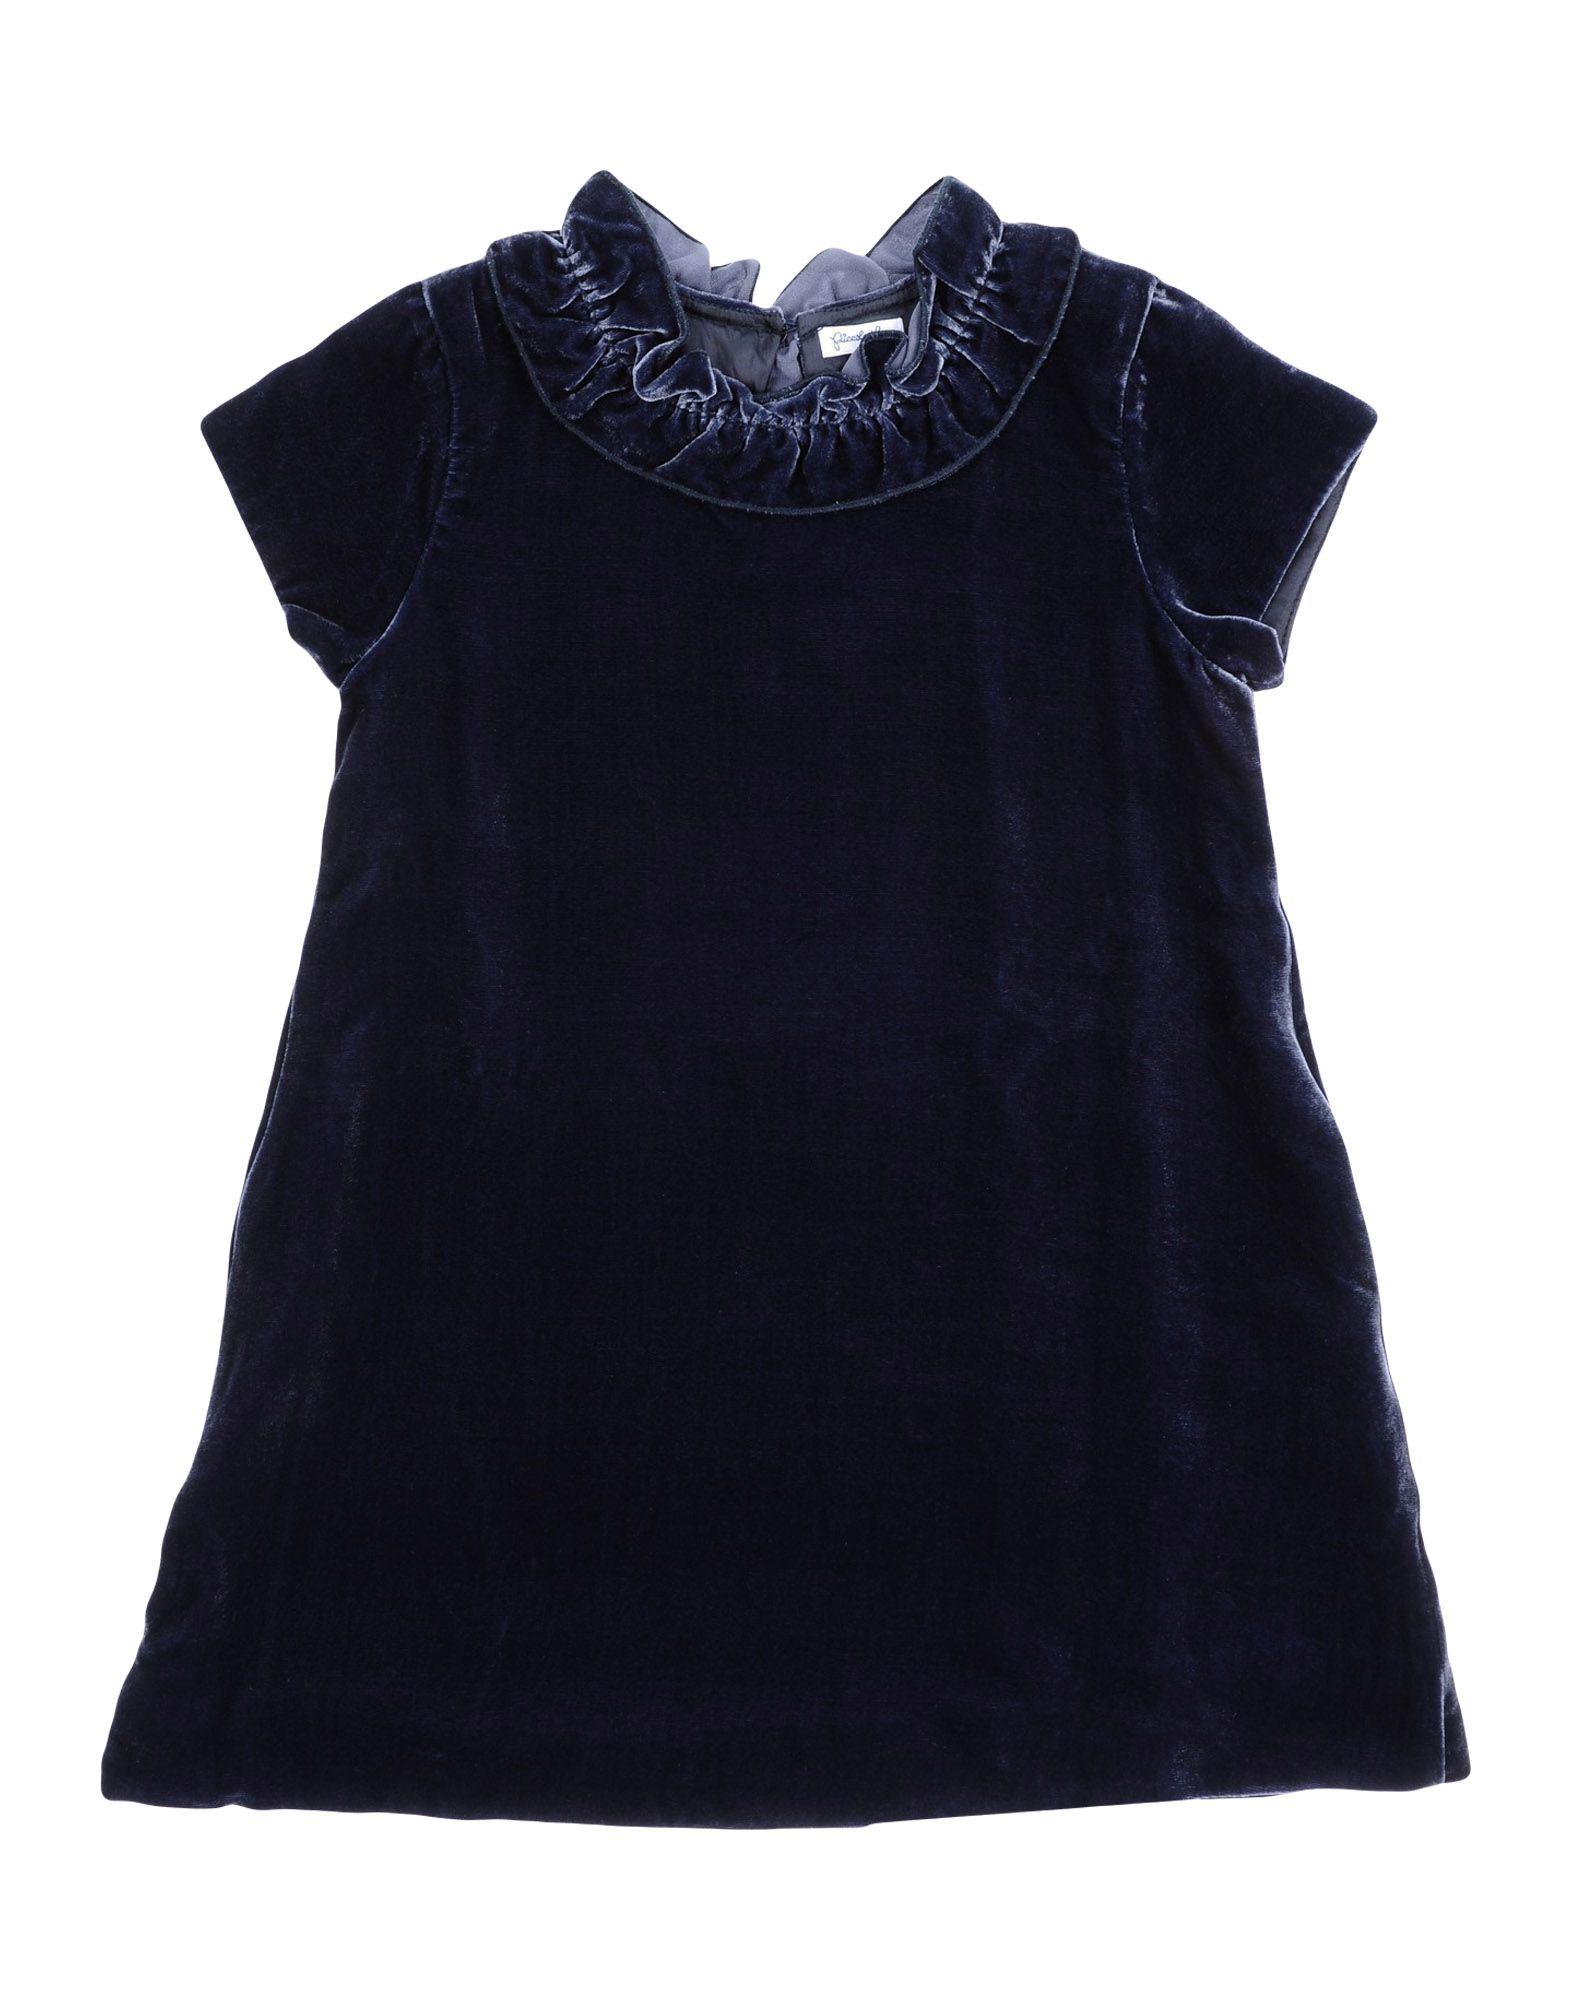 PICCOLA LUDO Mädchen 3-8 jahre Kleid Farbe Dunkelblau Größe 2 - broschei